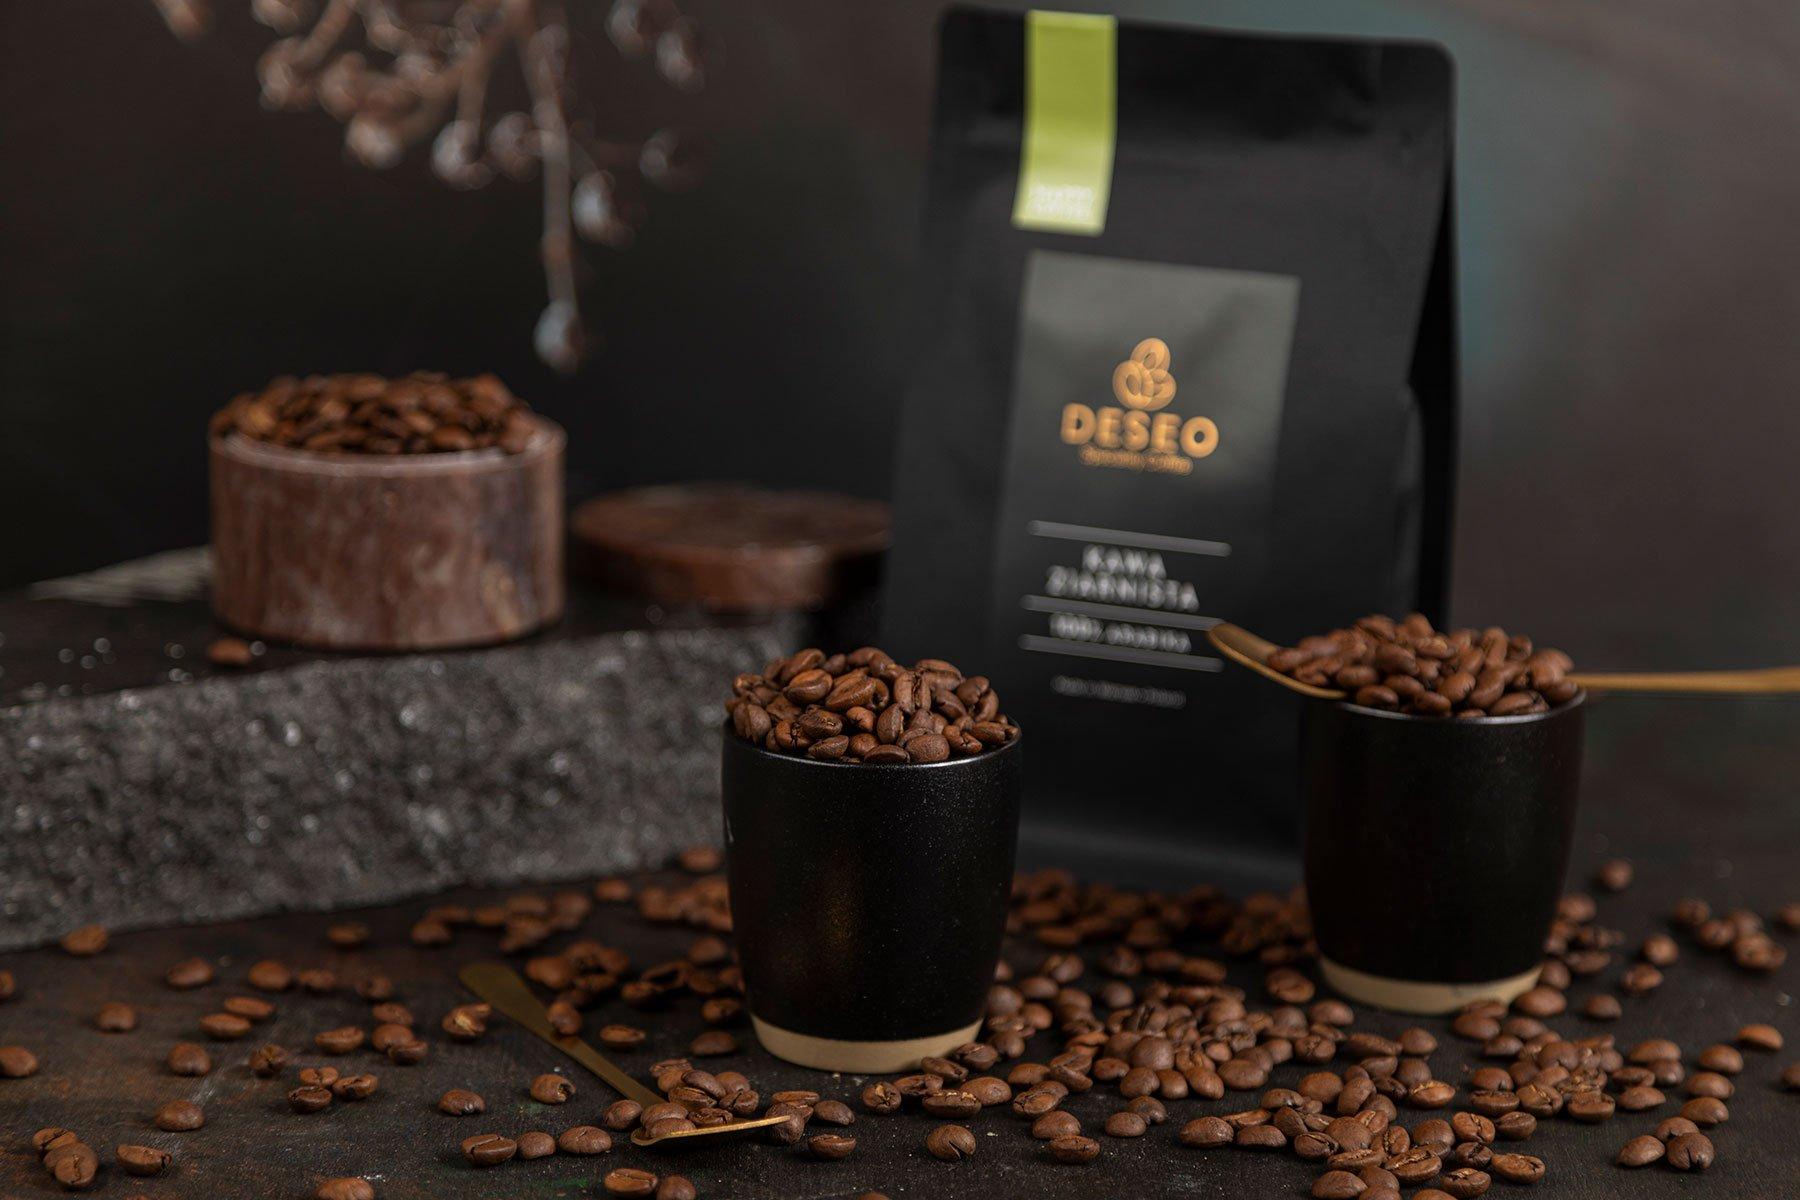 Coffee Speciality od DESEO możecie parzyć już również w domu!